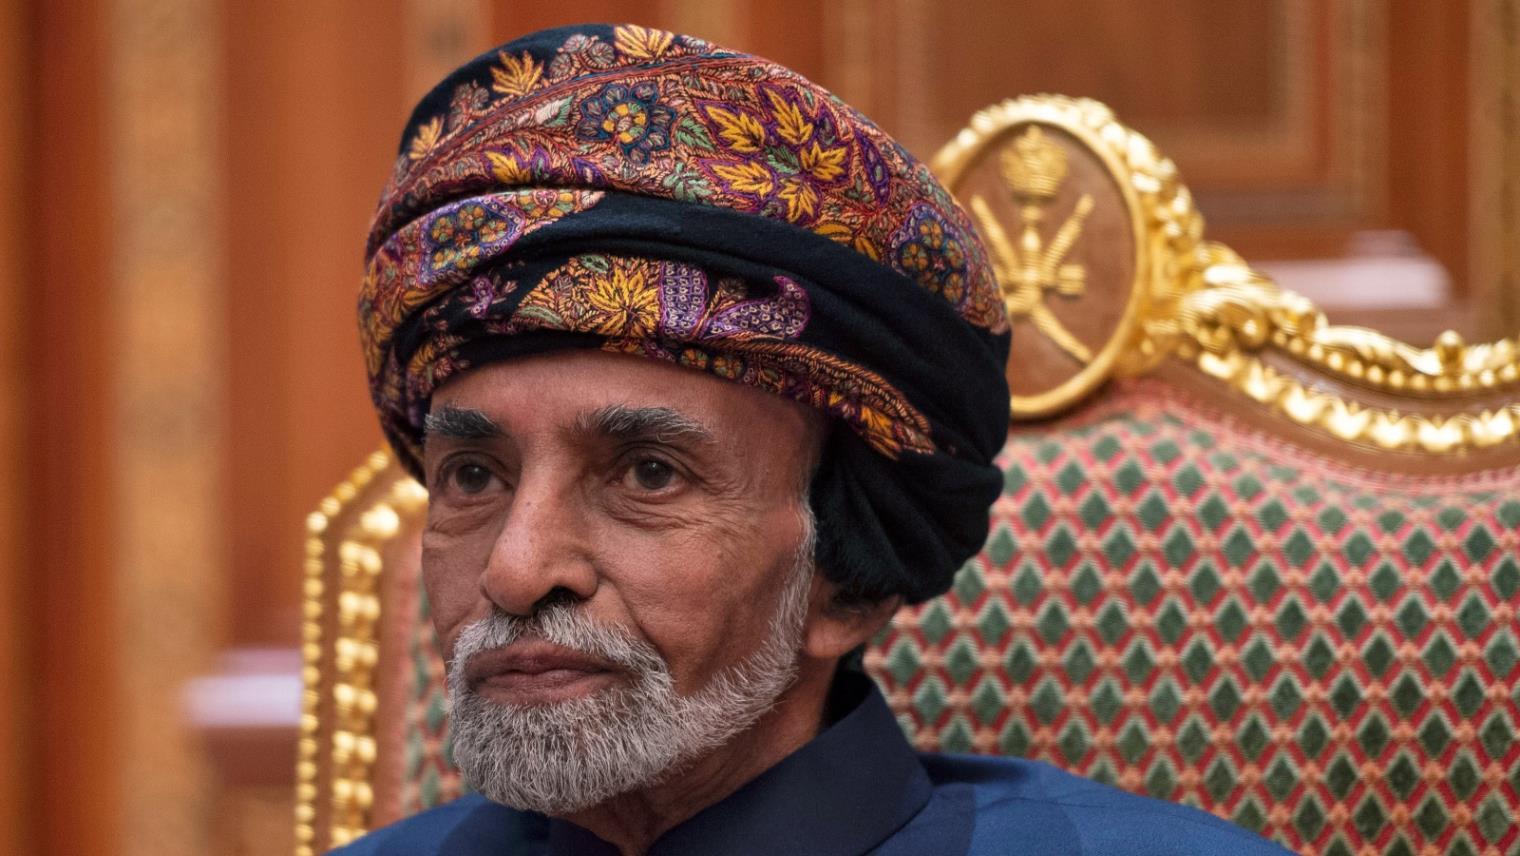 وفاة قابوس سلطان عُمان بعد صراع مع المرض